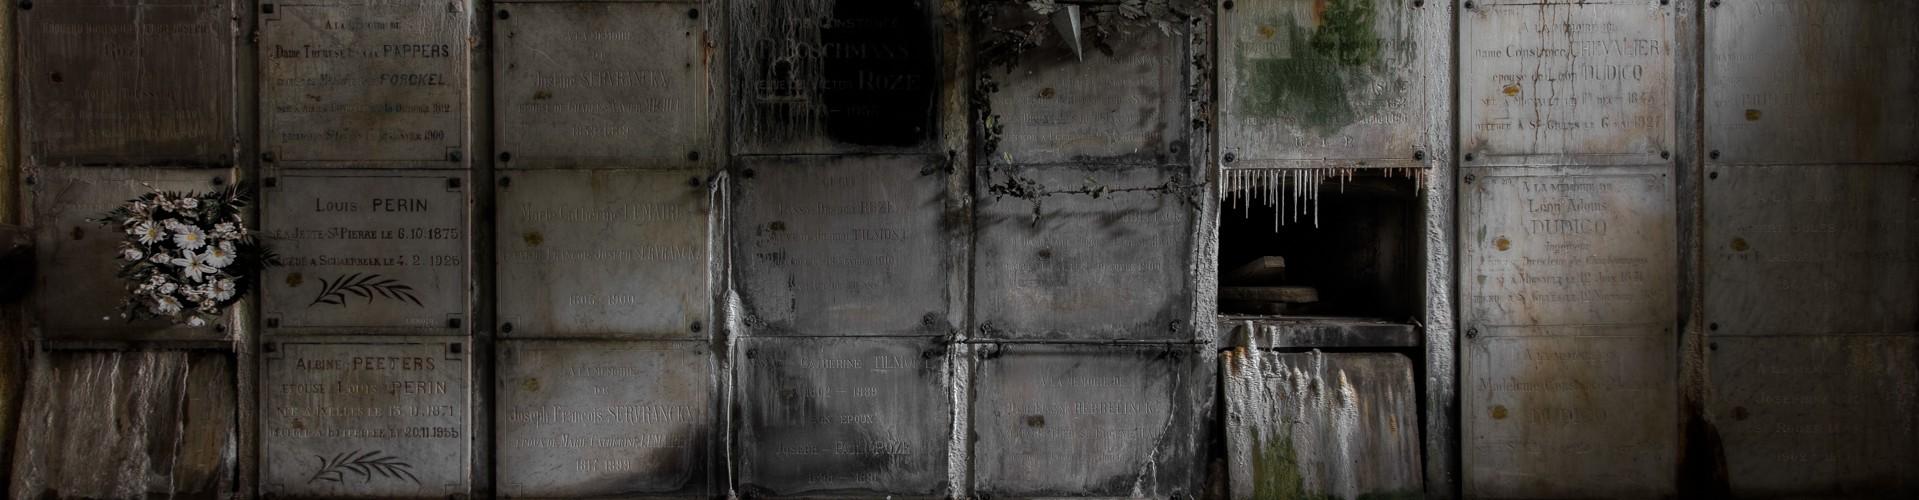 Foto van een verlaten en vervallen crypte te Brussel. Foto als afbeelding op de homepagina van website 'de dood... de job van mijn leven' over uitvaart, begrafenissen, crematies...